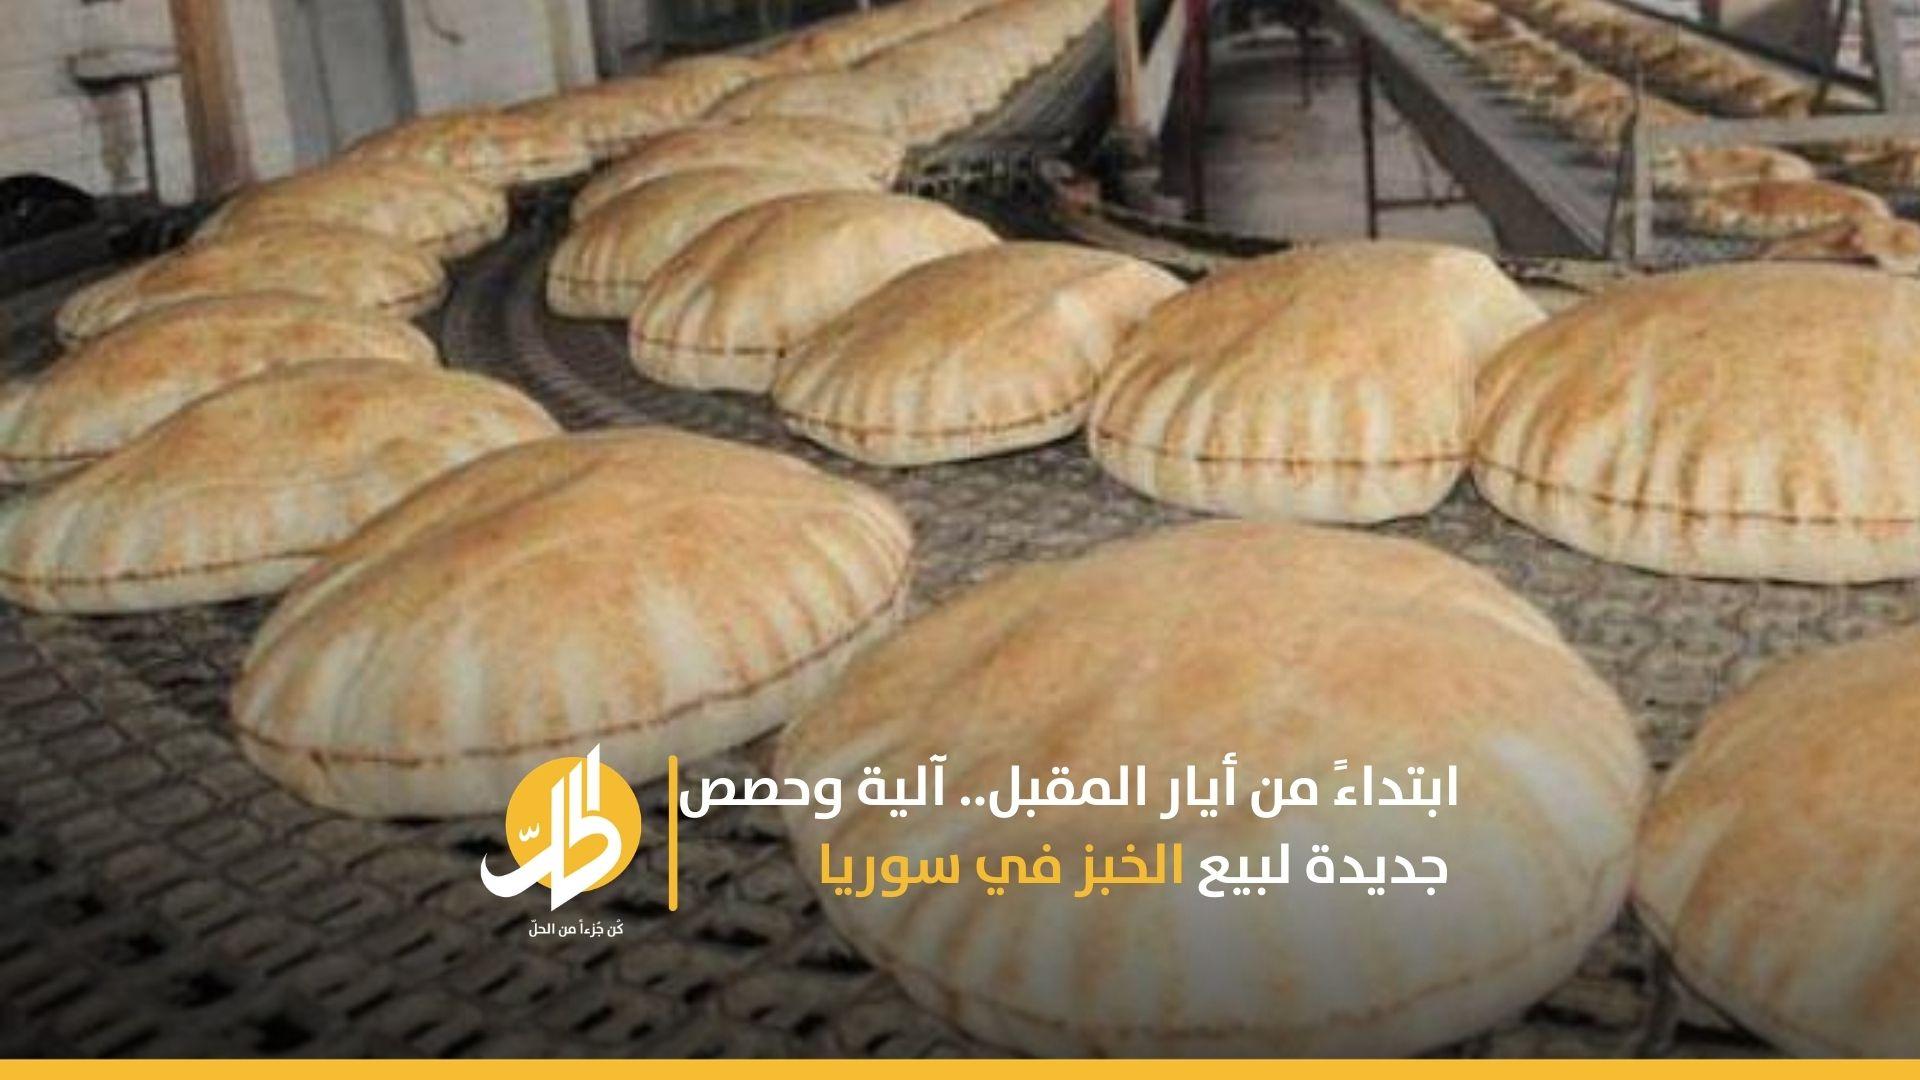 ابتداءً من أيار المقبل.. آلية وحصص جديدة لبيع الخبز في سوريا